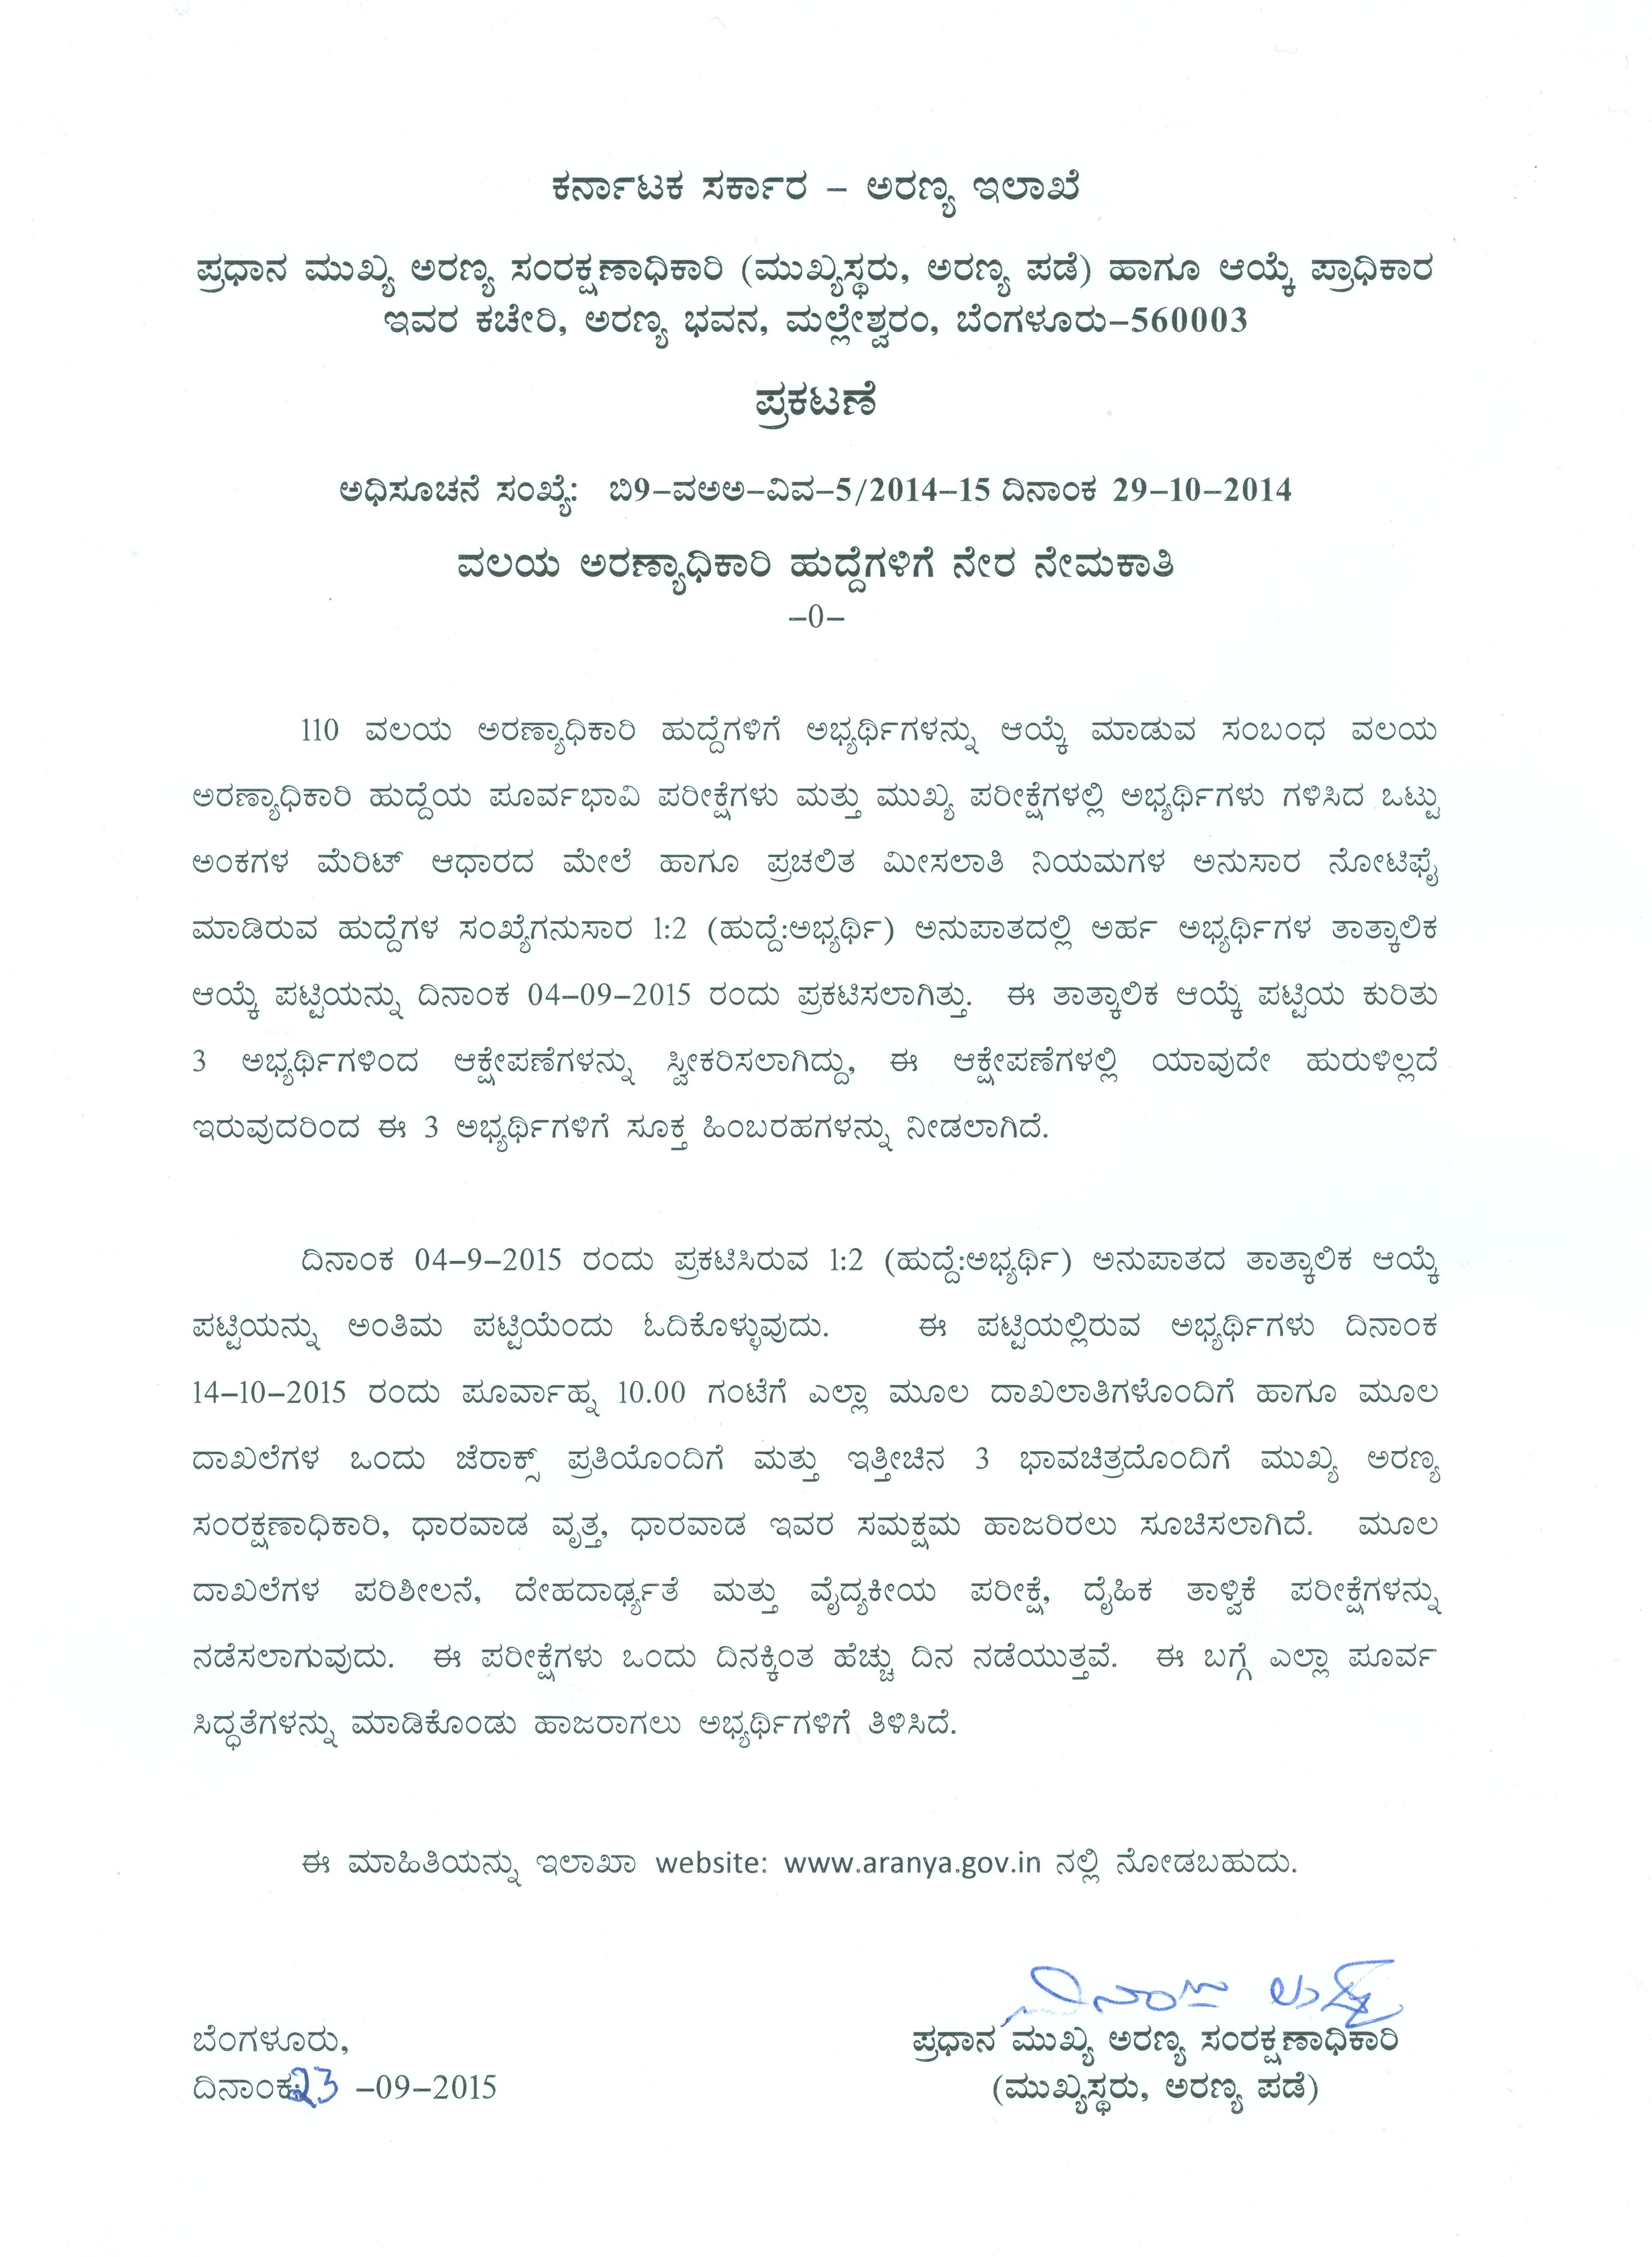 ವಲಯ ಅರಣ್ಯಾಧಿಕಾರಿ RFO | ನೇಮಕಾತಿ